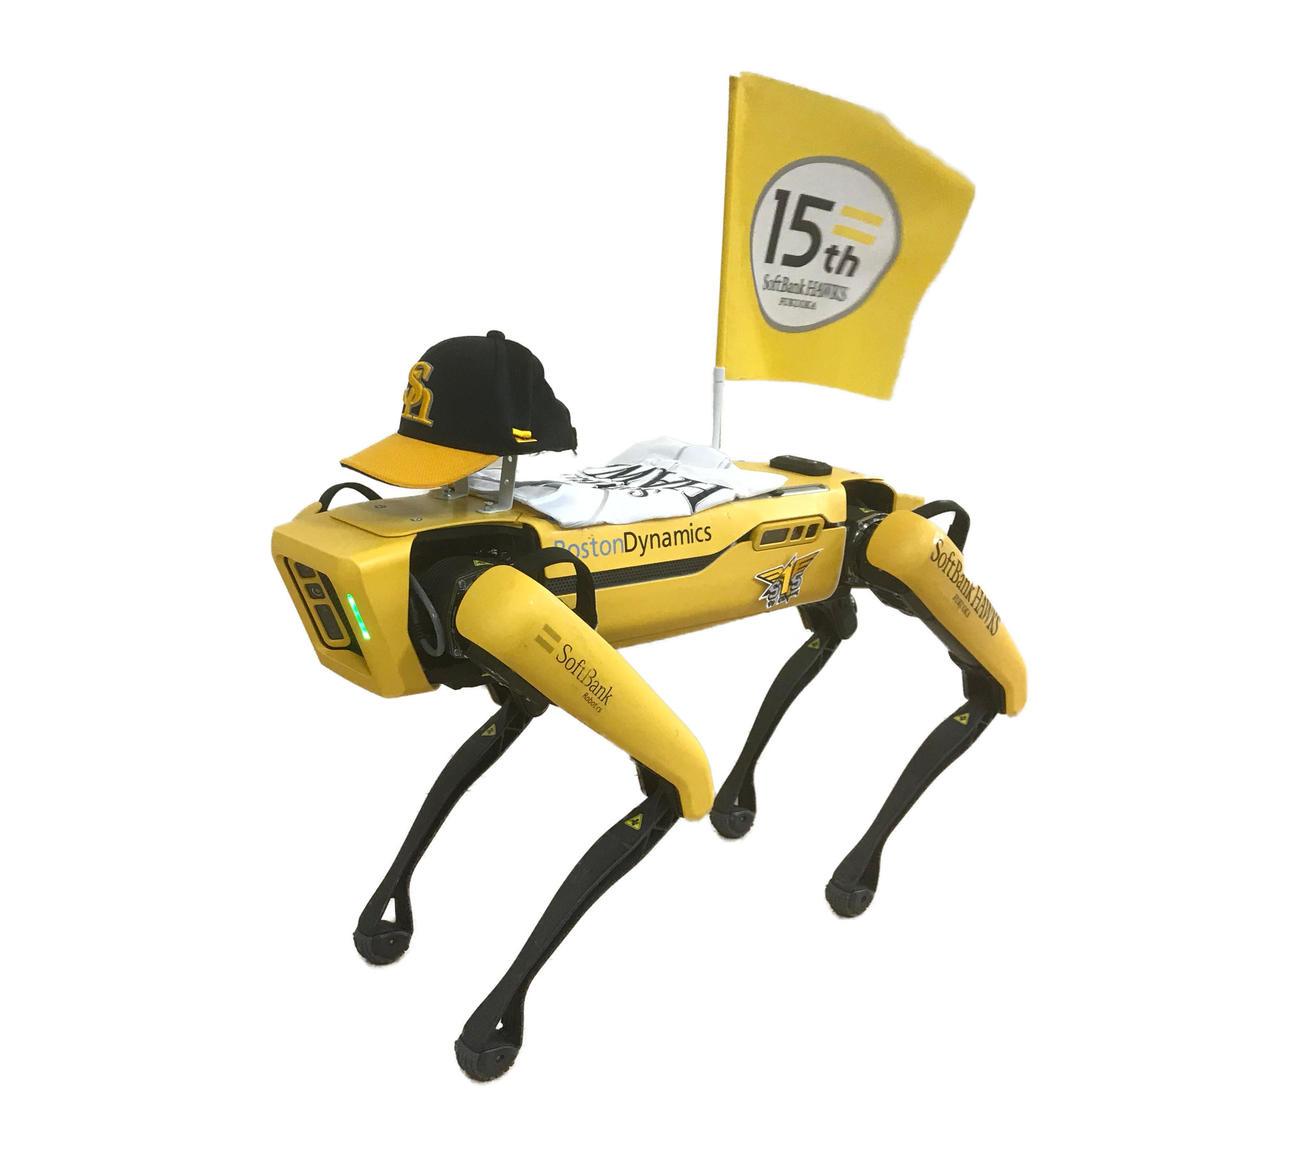 レフトスタンドに設置された四足歩行型ロボット「Spot」(スポット)」(撮影・梅根麻紀)